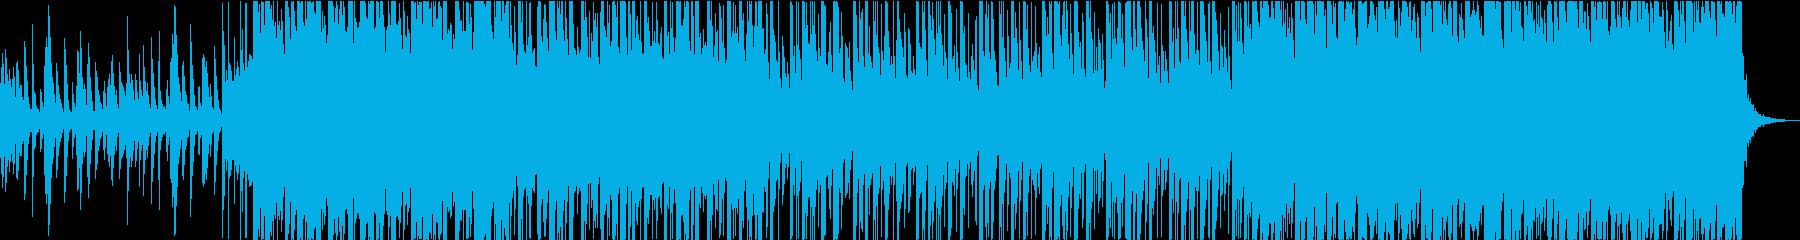 琴と尺八・しとやかで力強い和風BGMの再生済みの波形